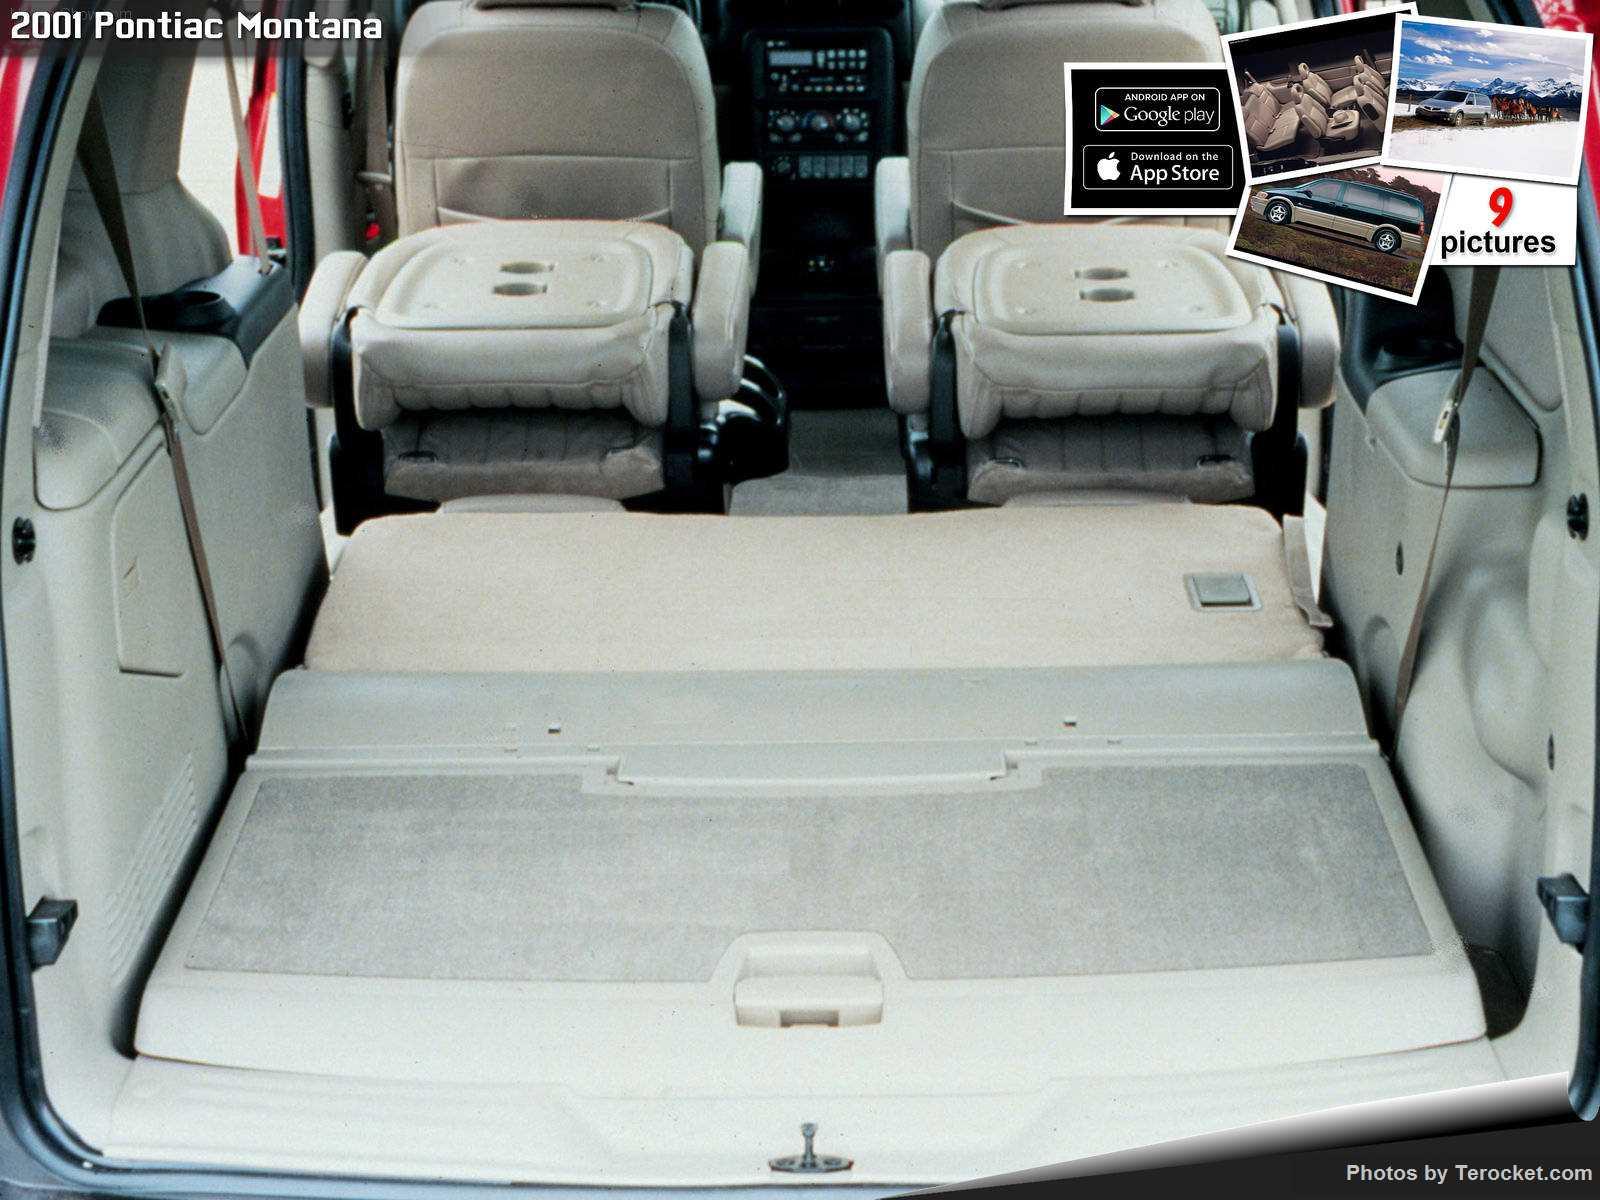 Hình ảnh xe ô tô Pontiac Montana 2001 & nội ngoại thất